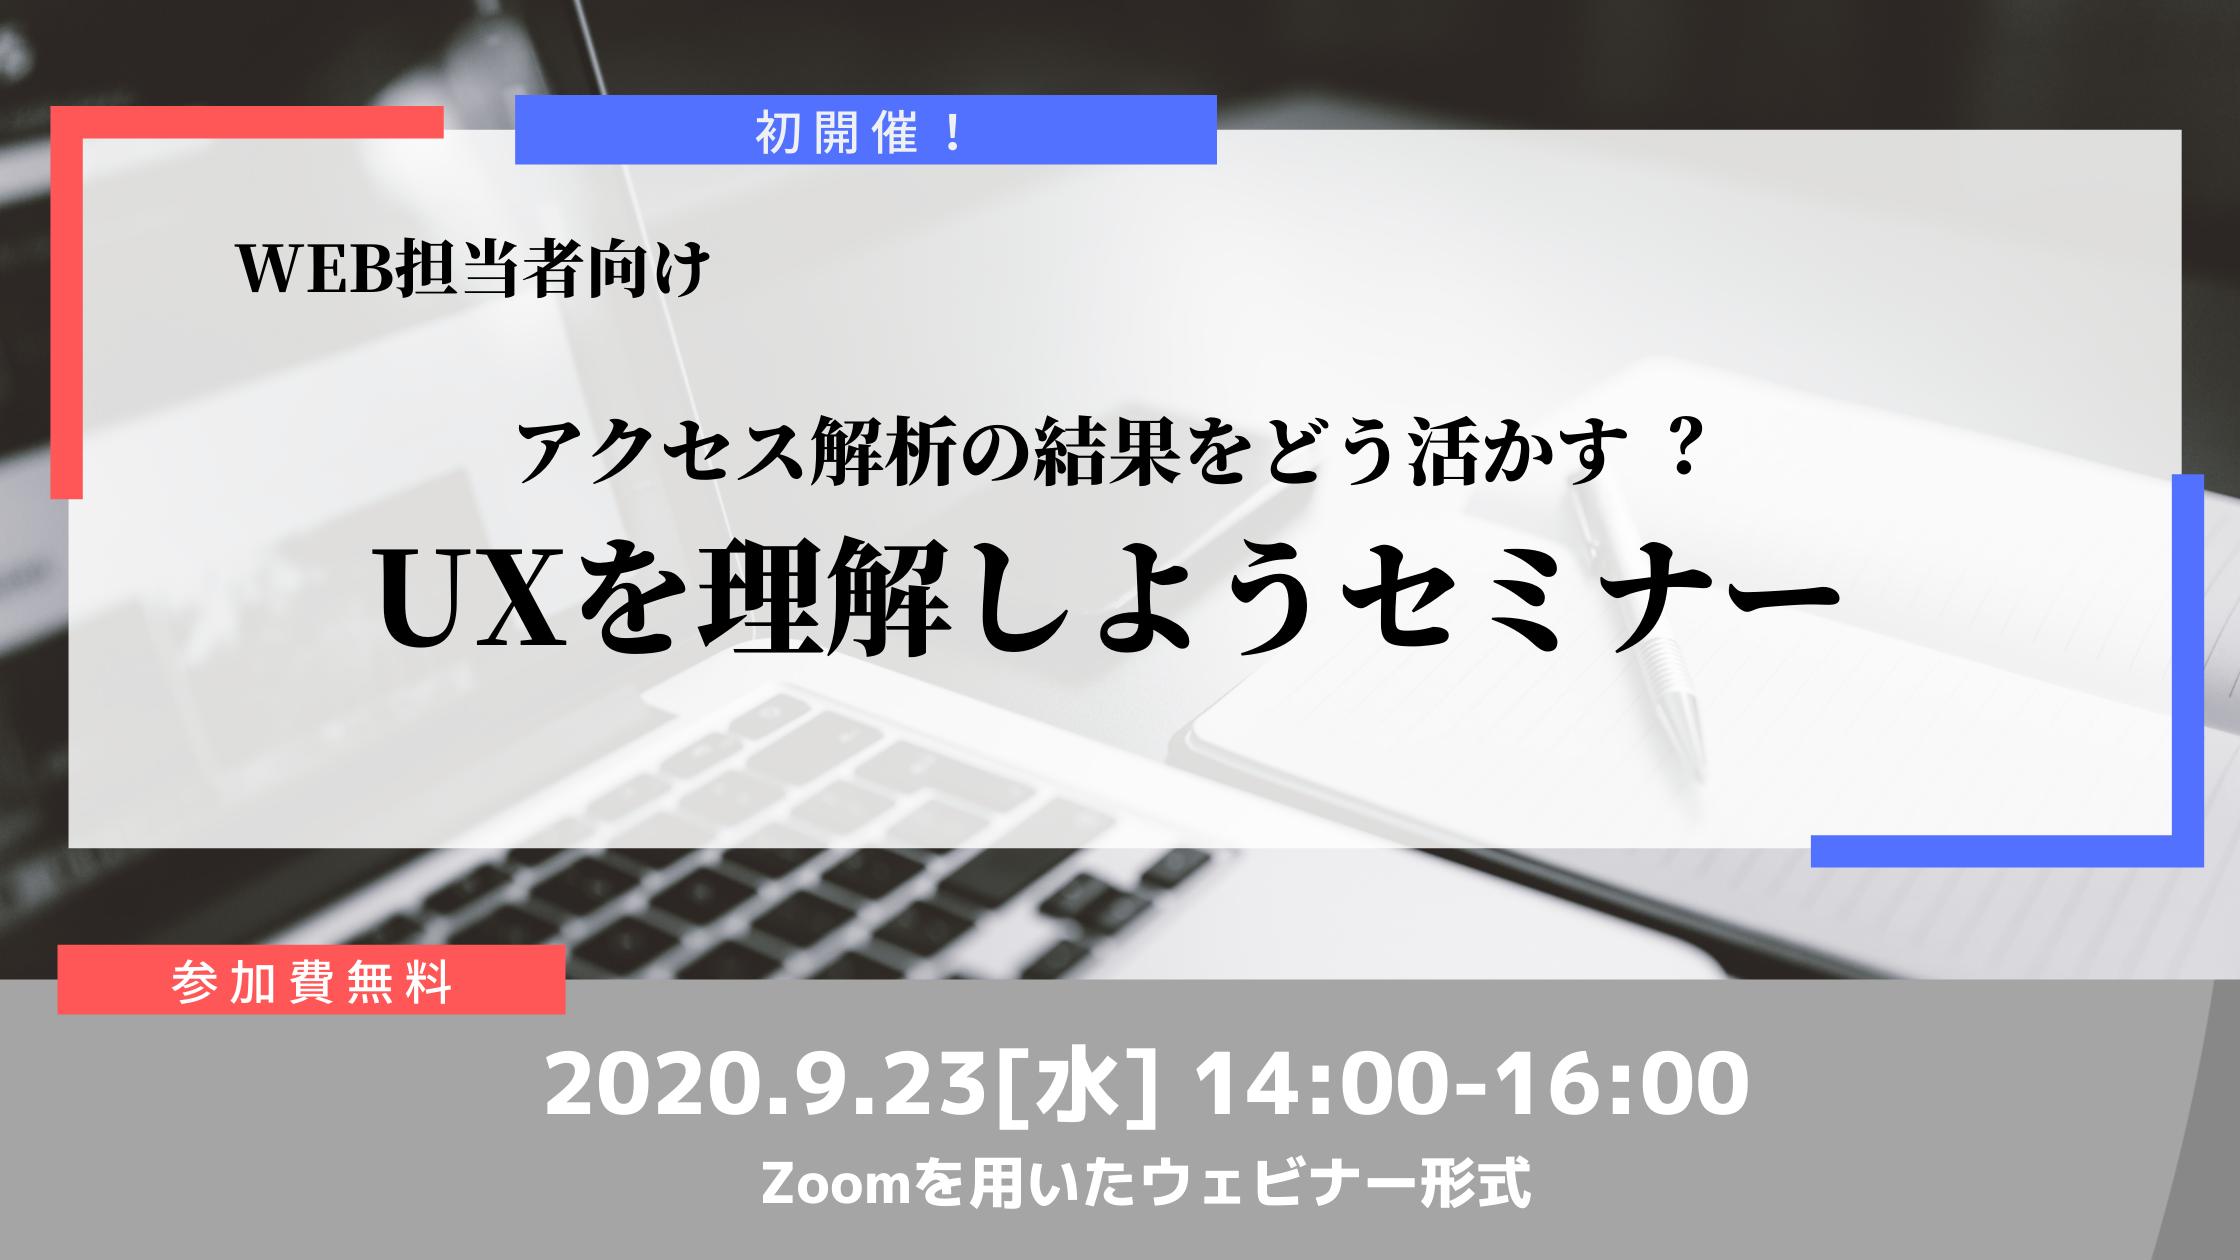 9月23日(水)オンライン開催『UXを理解しよう』セミナーのお知らせ